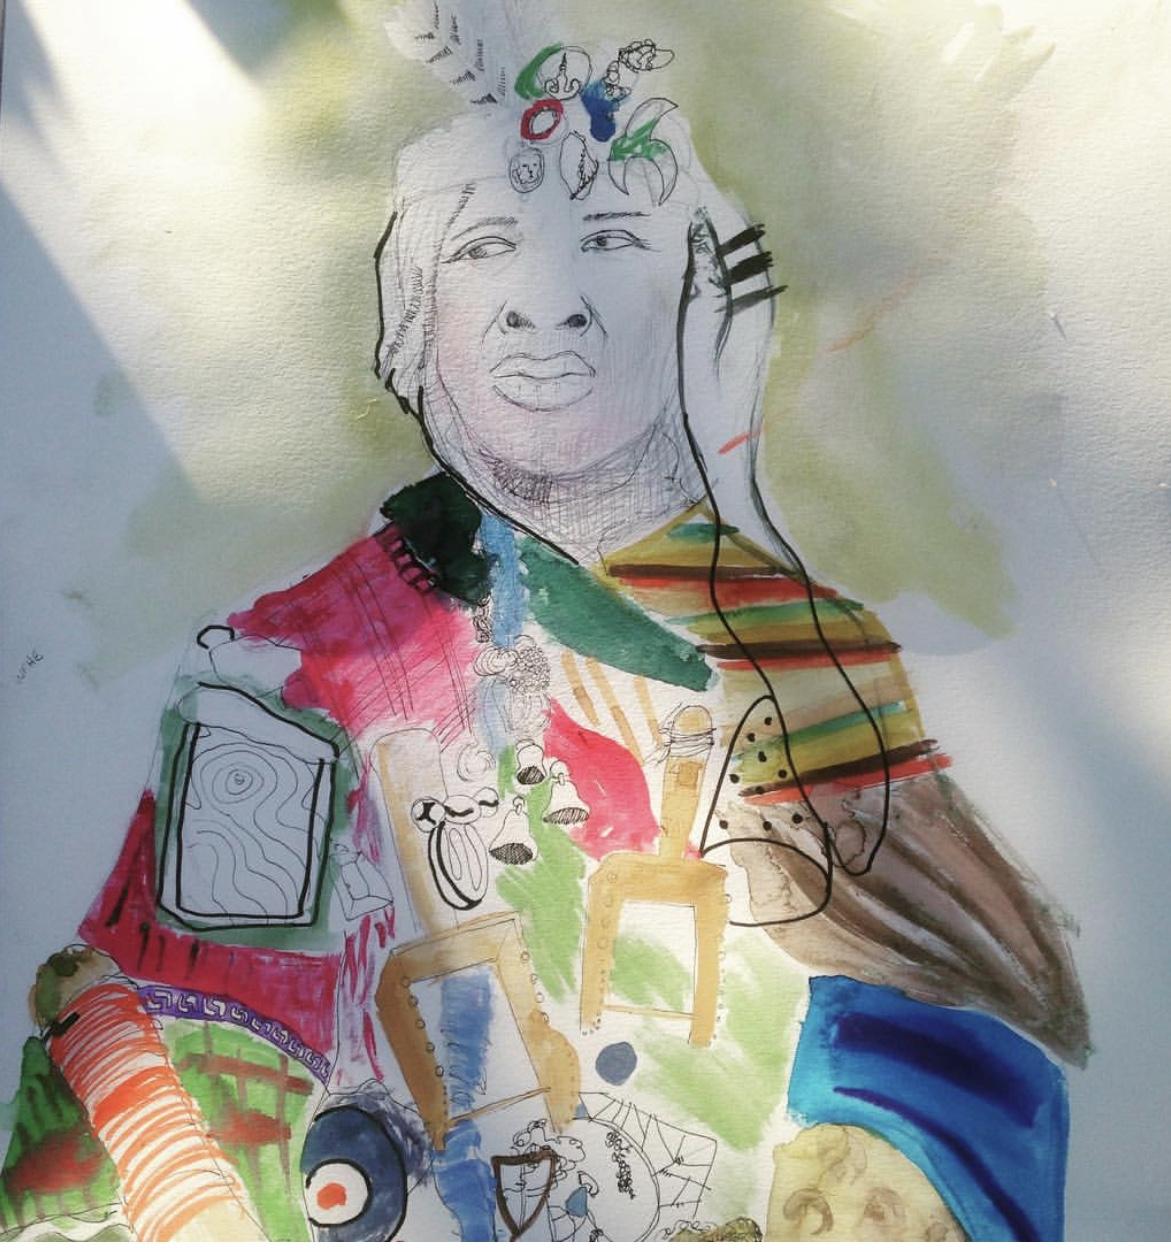 shamanportrait.jpg